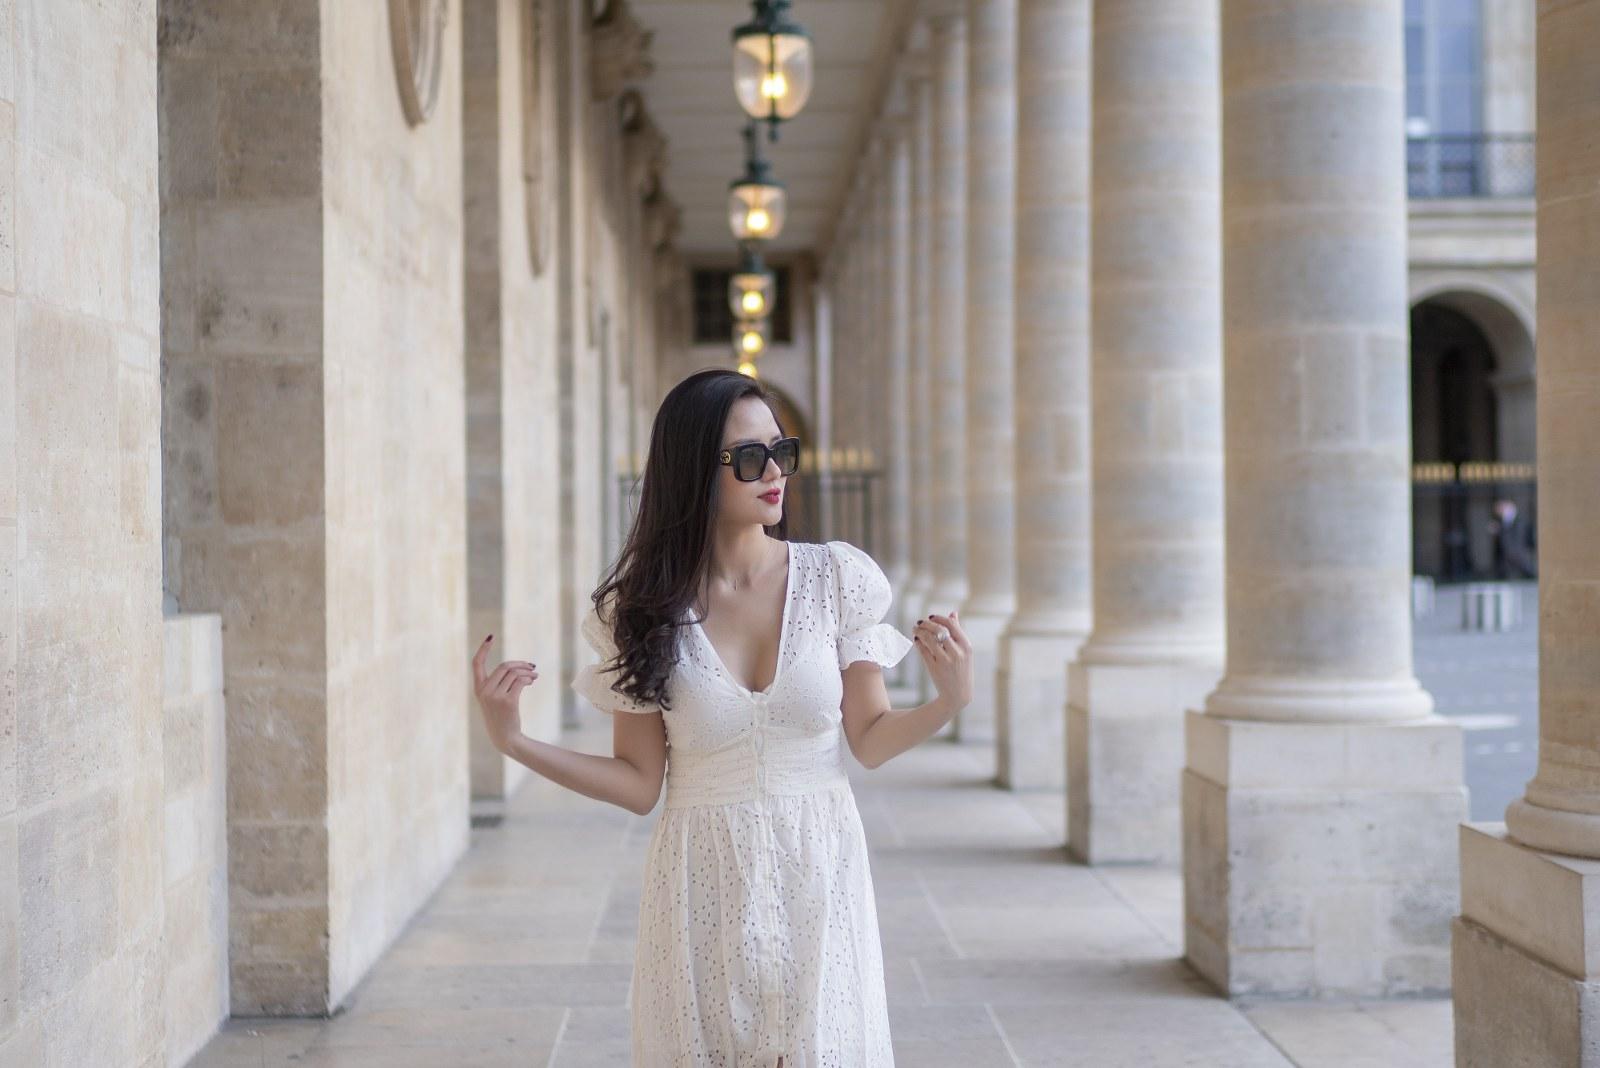 Những chiếc váy cực xinh cho nàng hạ cơn khát váy hoa mùa hè Ảnh 22